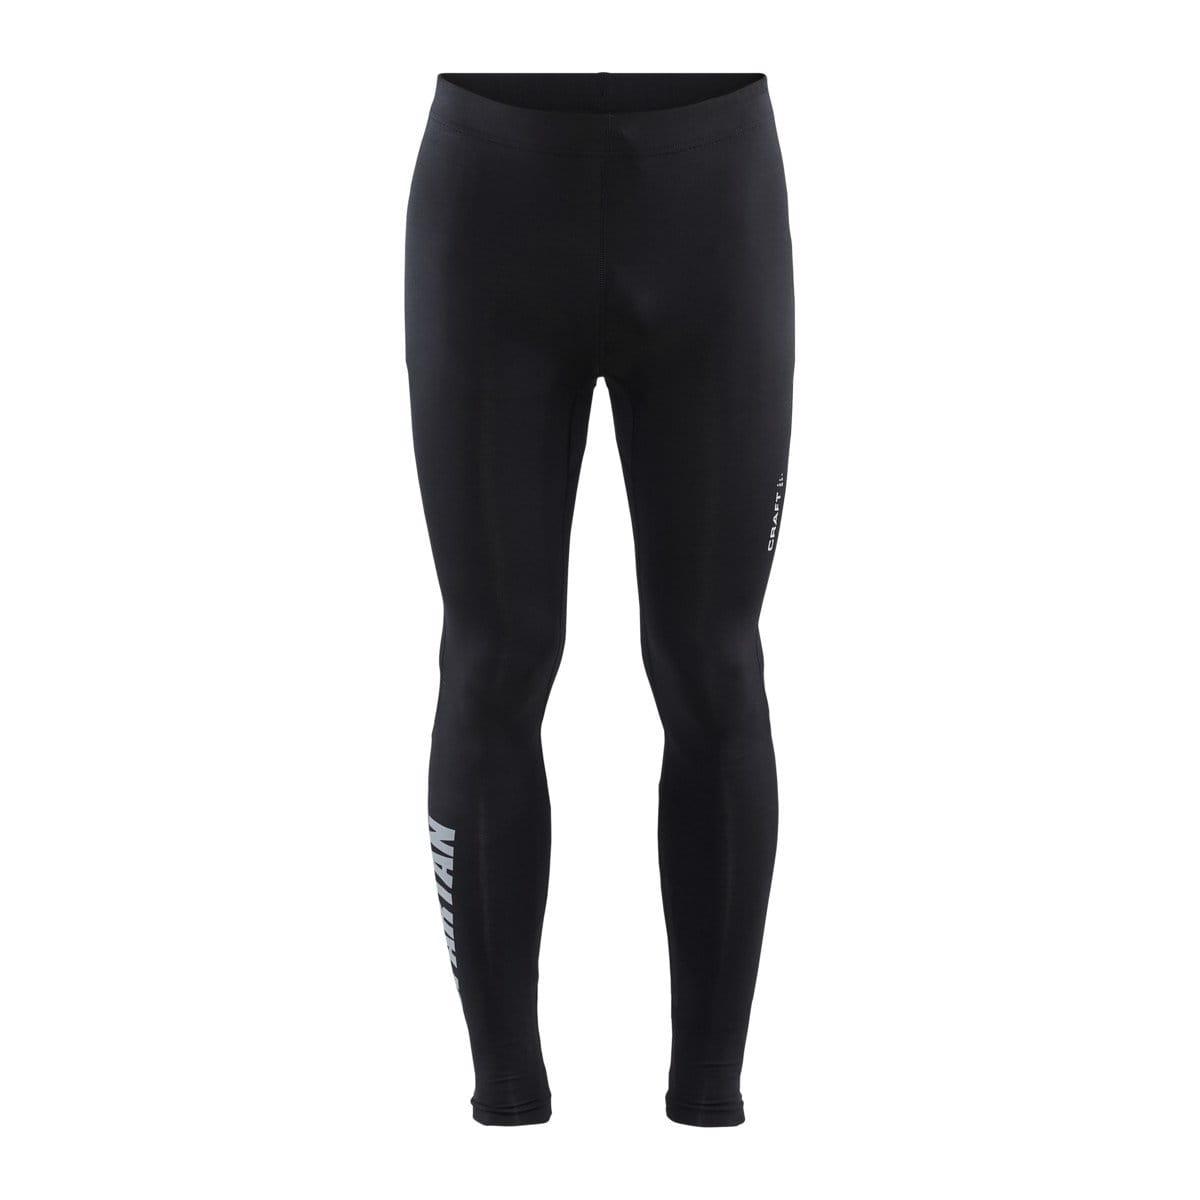 Kalhoty Craft Kalhoty SPARTAN Compression Tights černá